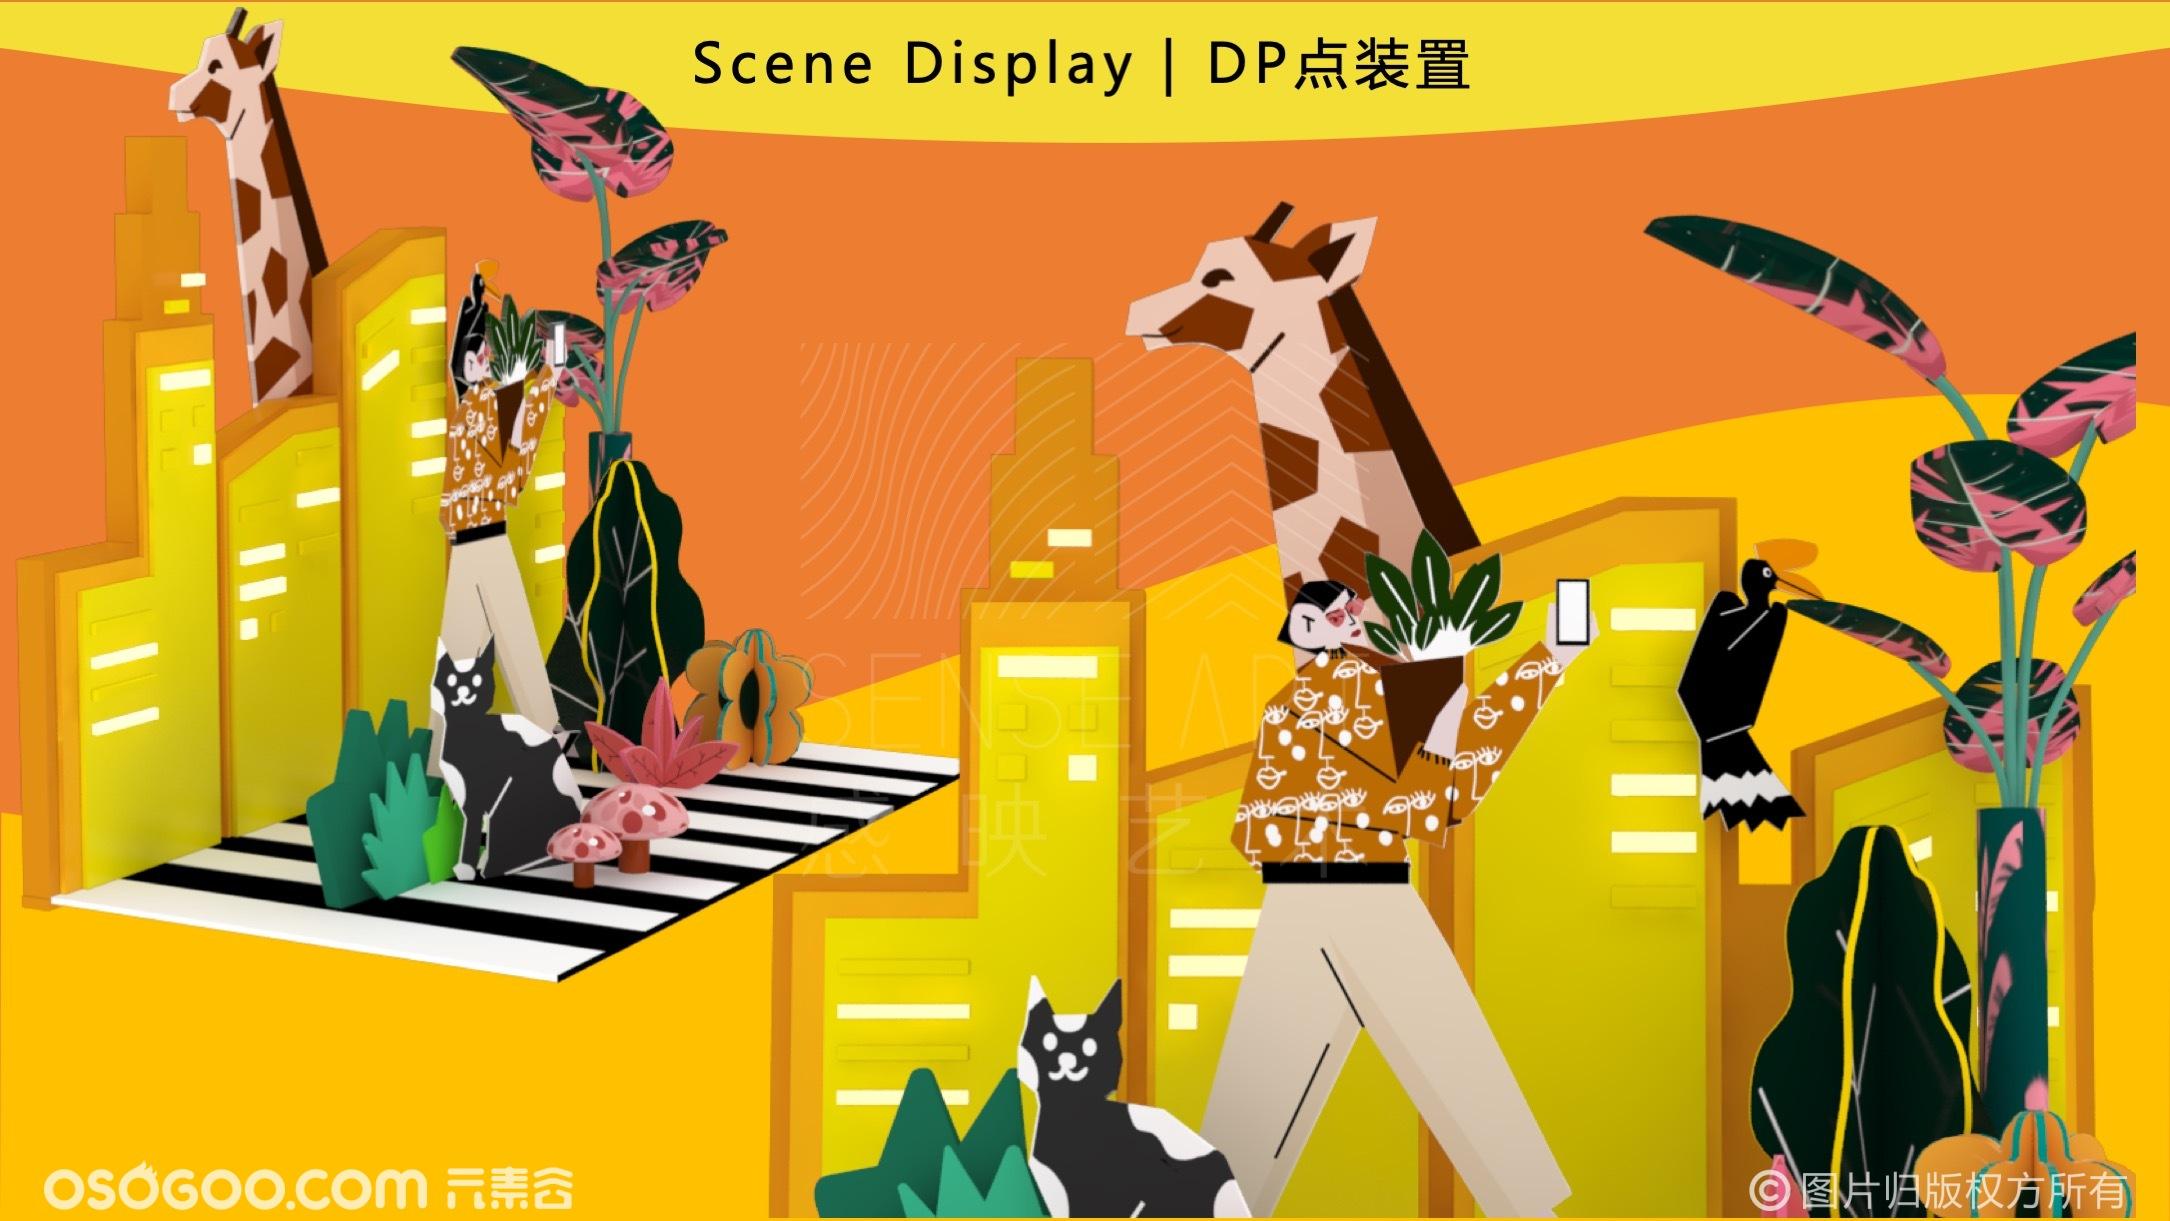 【潮趣森林俱乐部】印度尼西亚艺术家主题IP沉浸式体验展